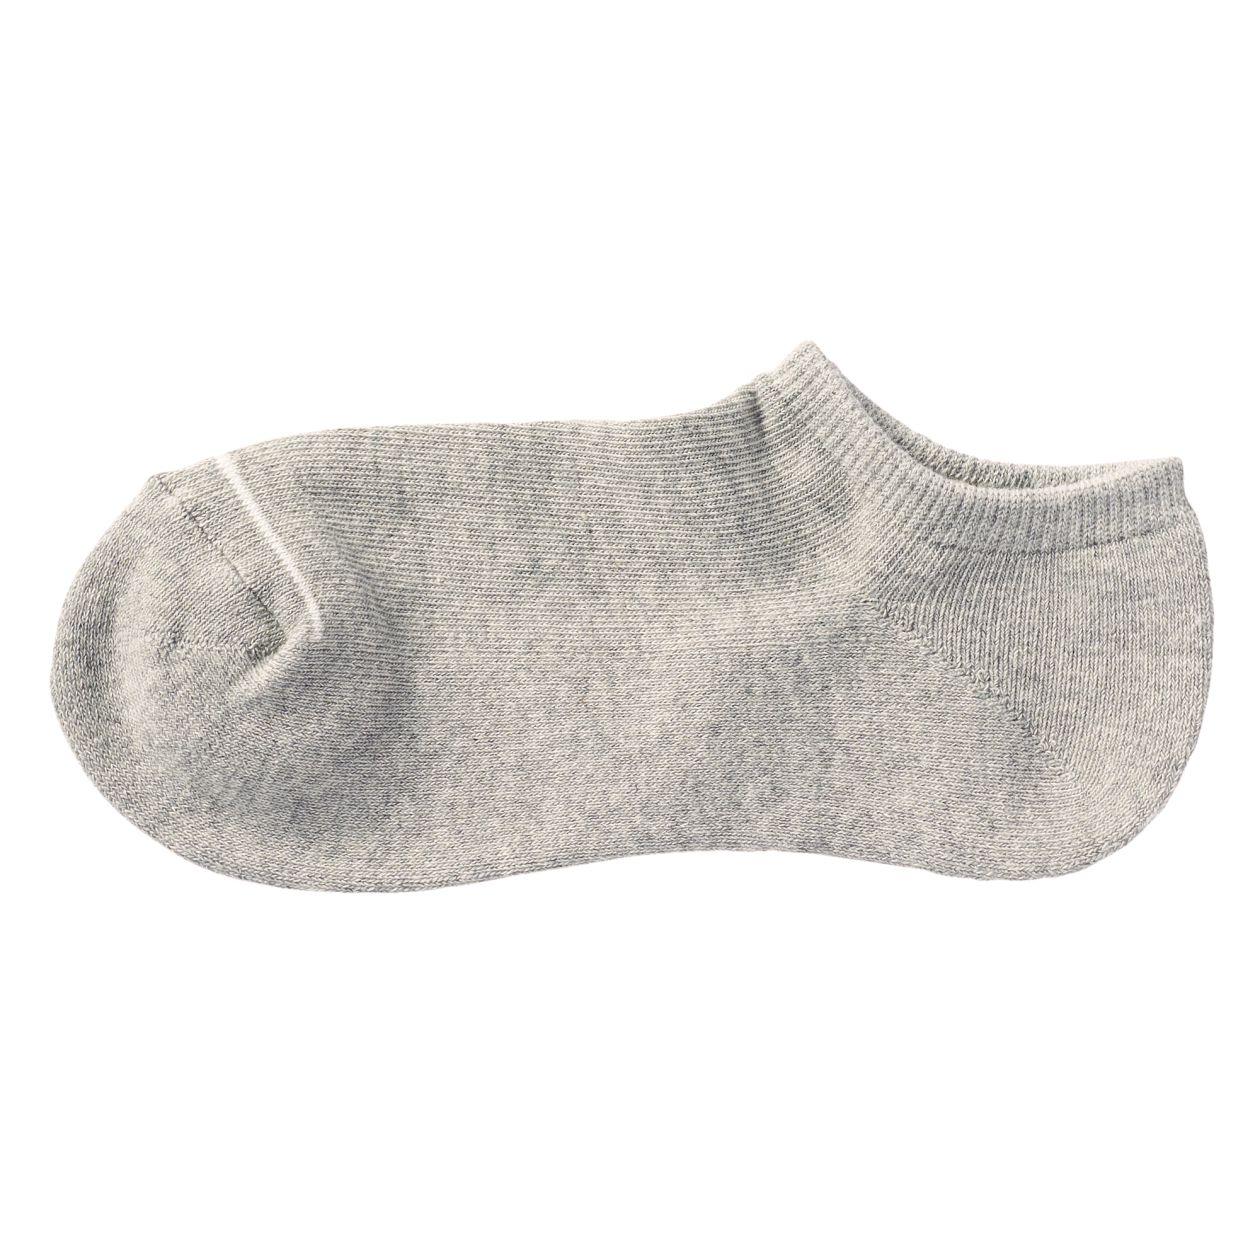 足なり直角 足底パイル編み スニーカーイン靴下(婦人・えらべる)